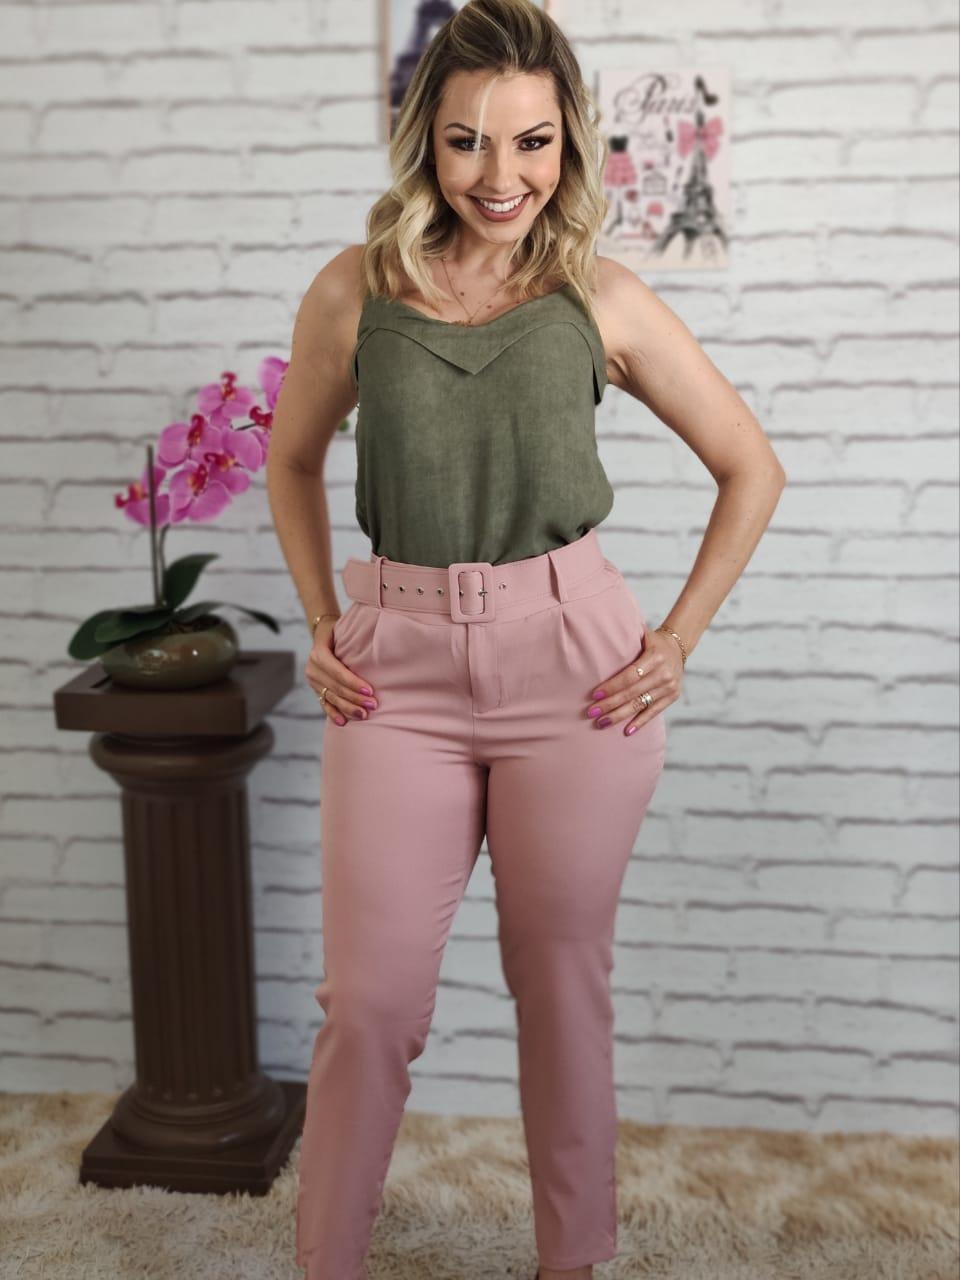 Blusa Alça Detalhe Colo Verde + Calça Skinny Cinto Encapado Rosa